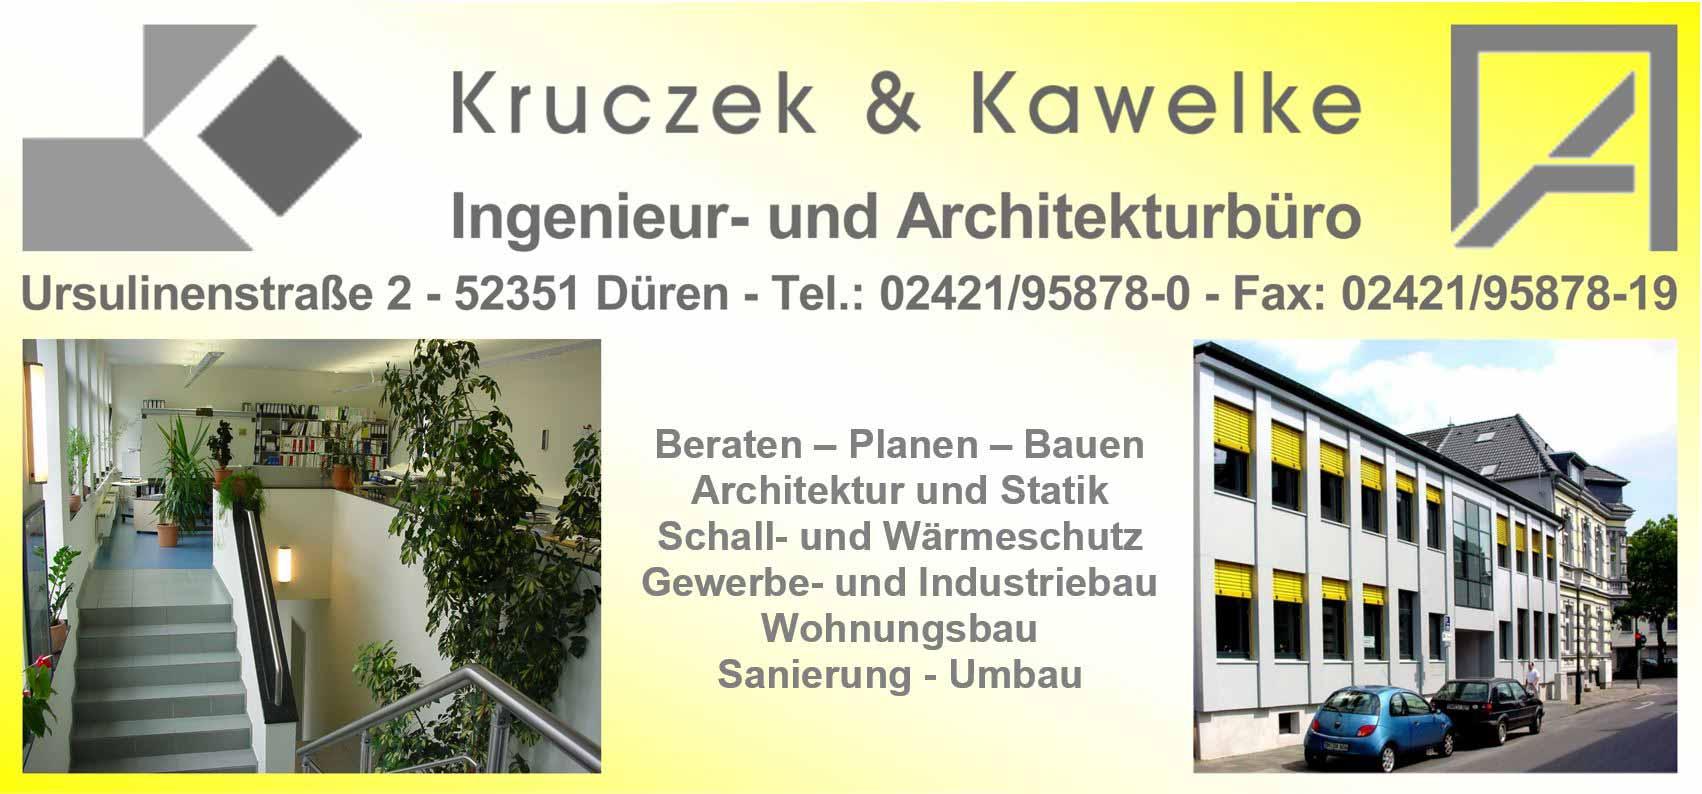 Kruczek & Kawelke Ingenieur- und Architekturbüro